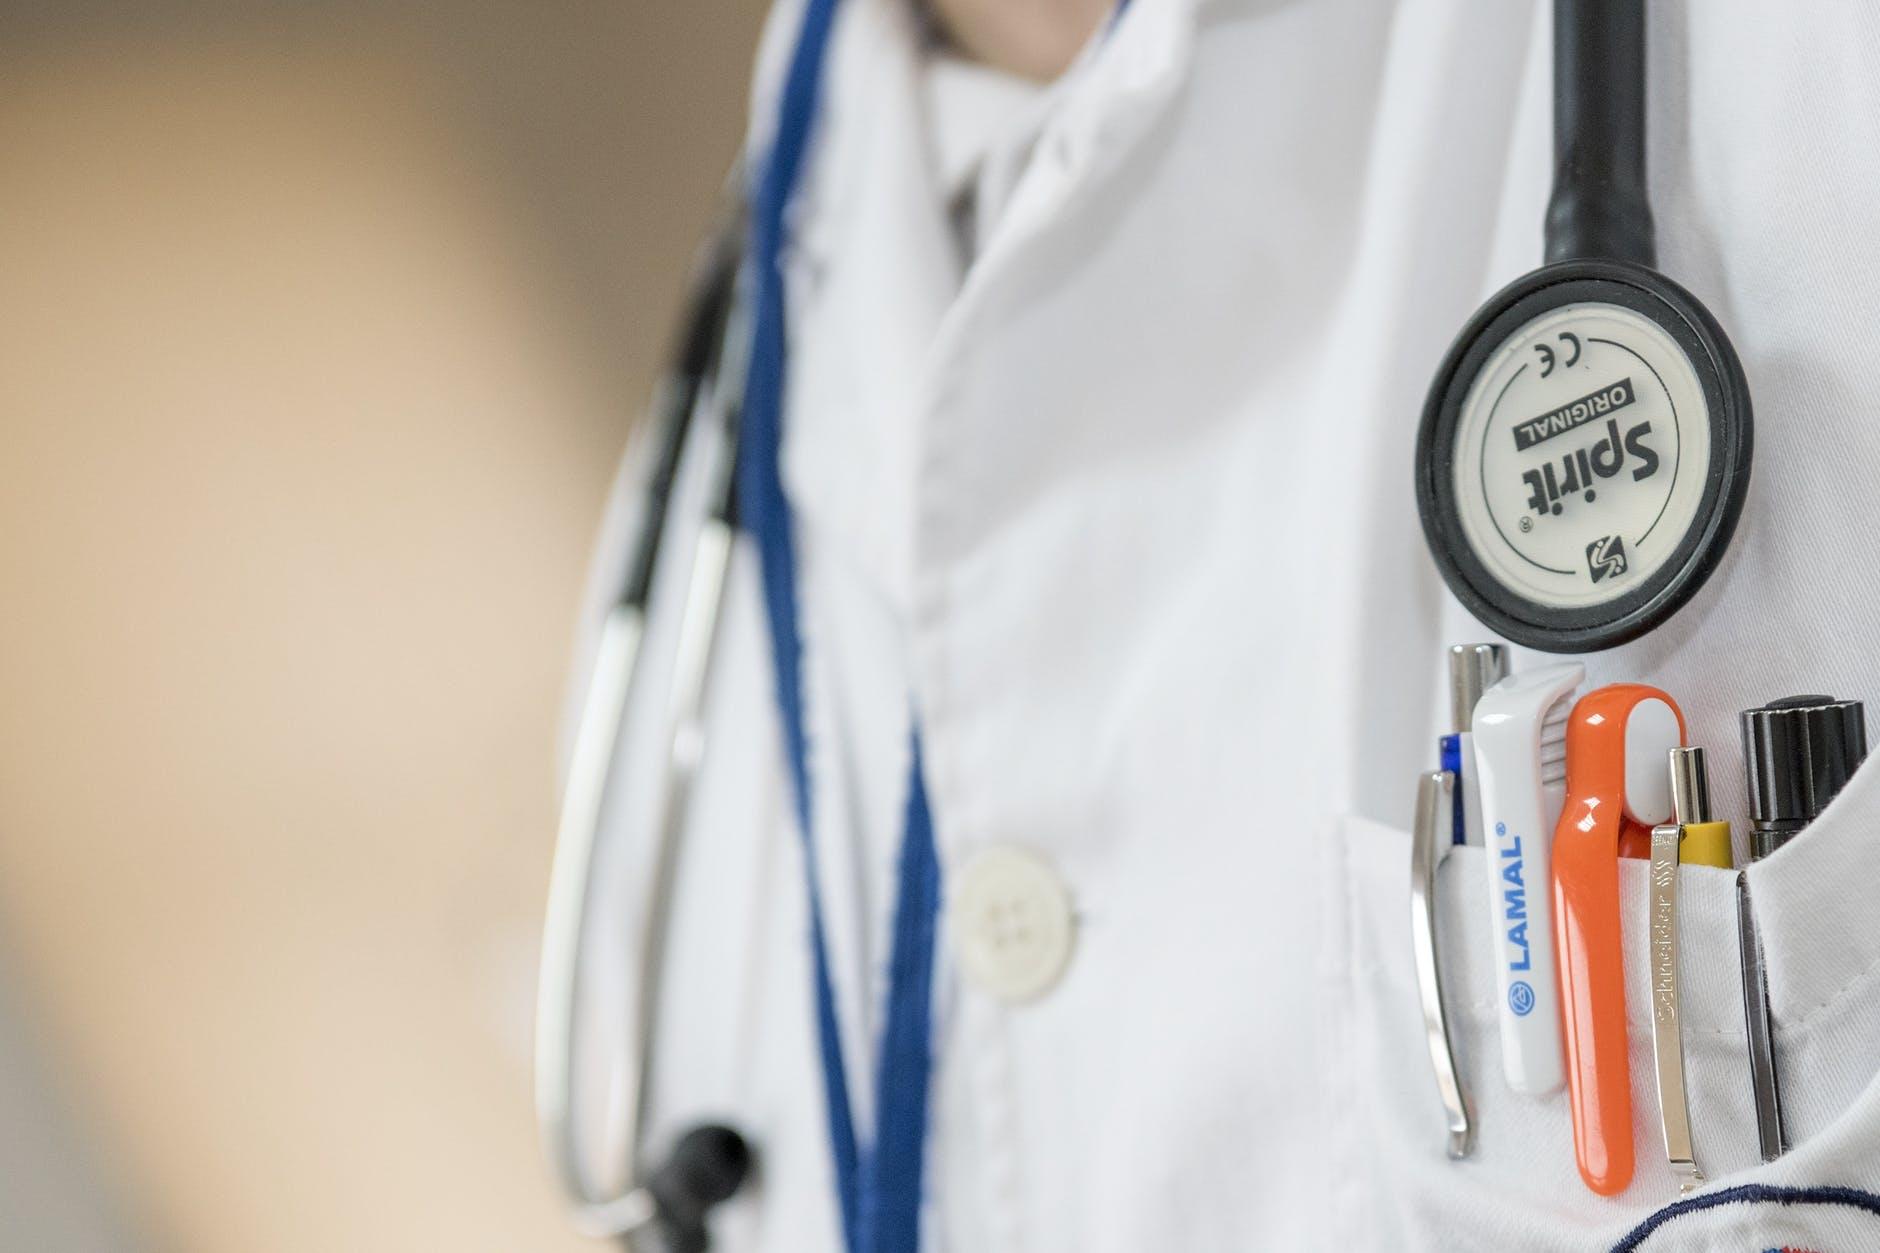 O que mudou na tributação dos médicos em 2018?